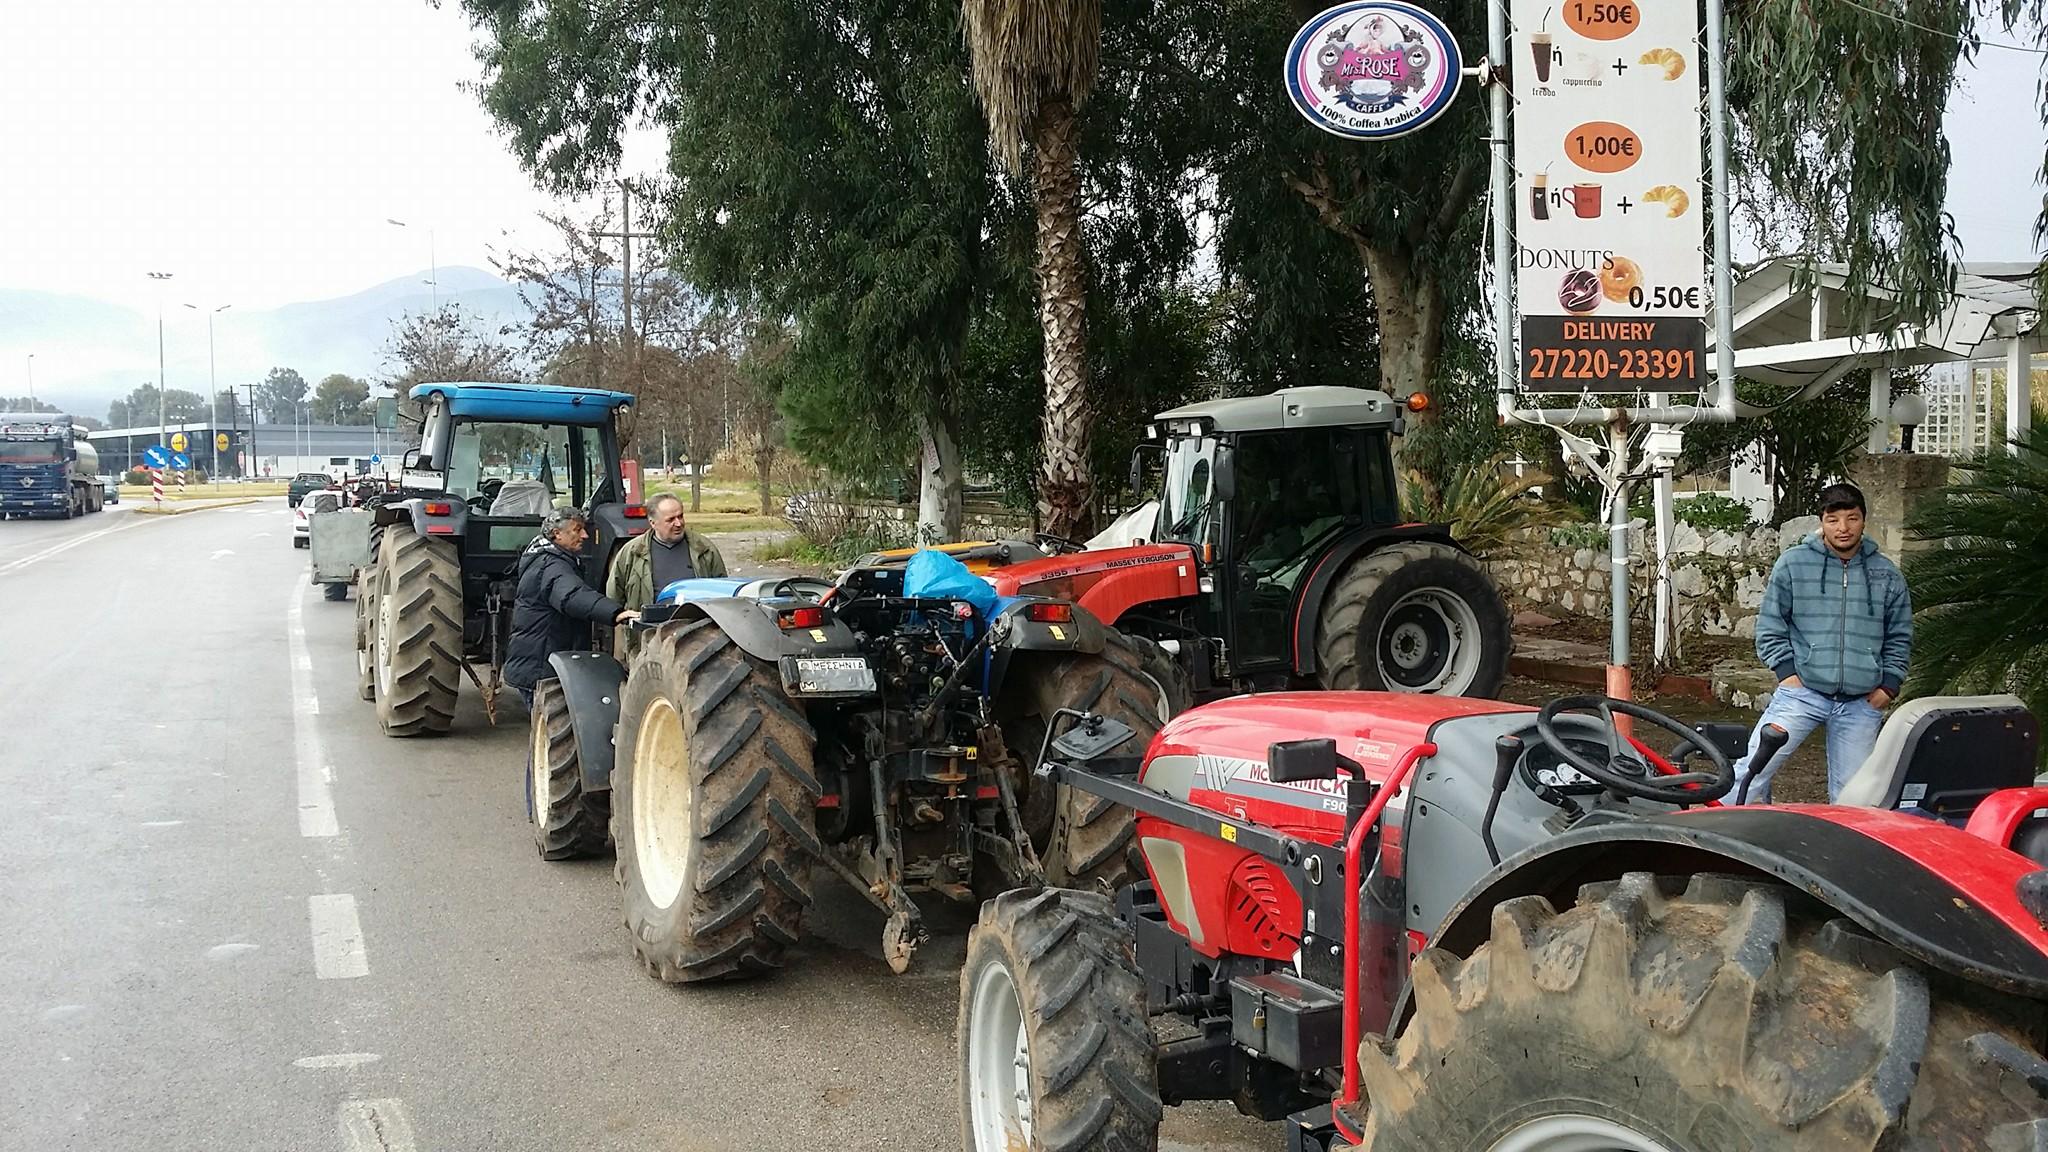 Ξεκίνησαν οι αγροτικές κινητοποιήσεις στη Μεσσήνη